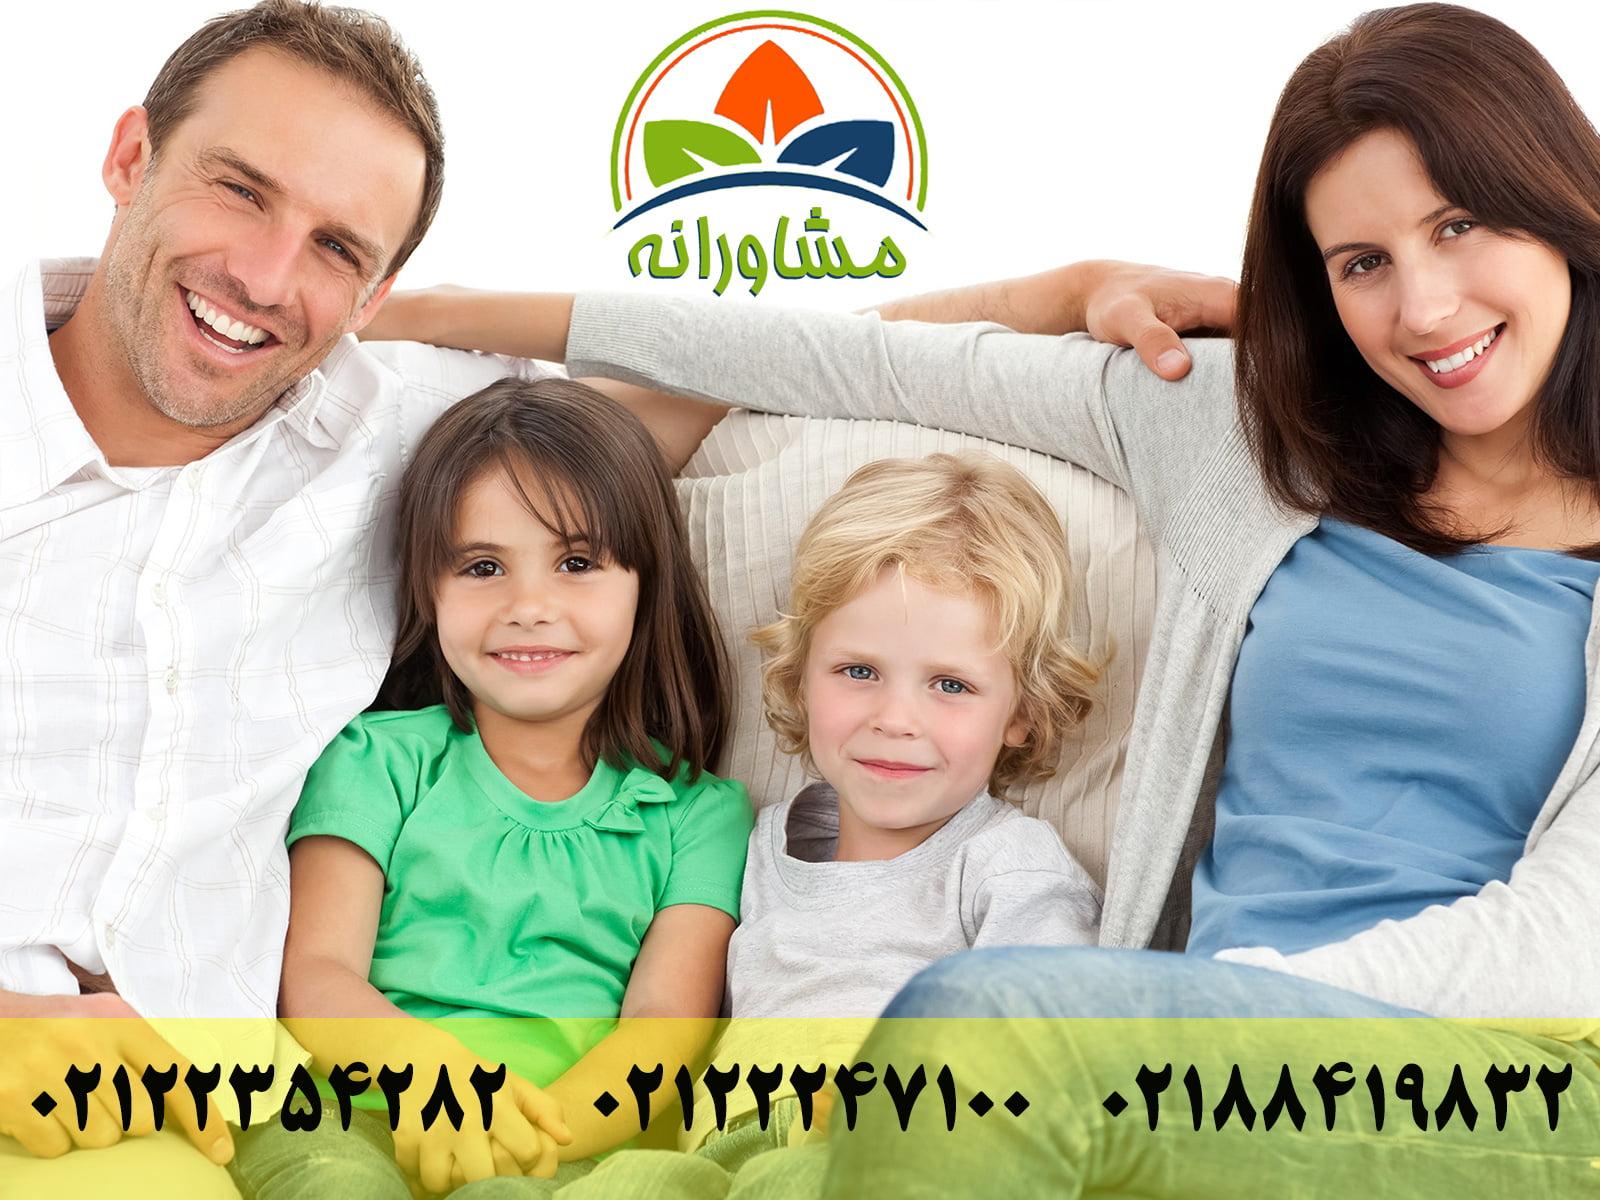 مشاوره حضوری برایمشاوره روابط زناشویی- مشاورانه-خانواده شاد